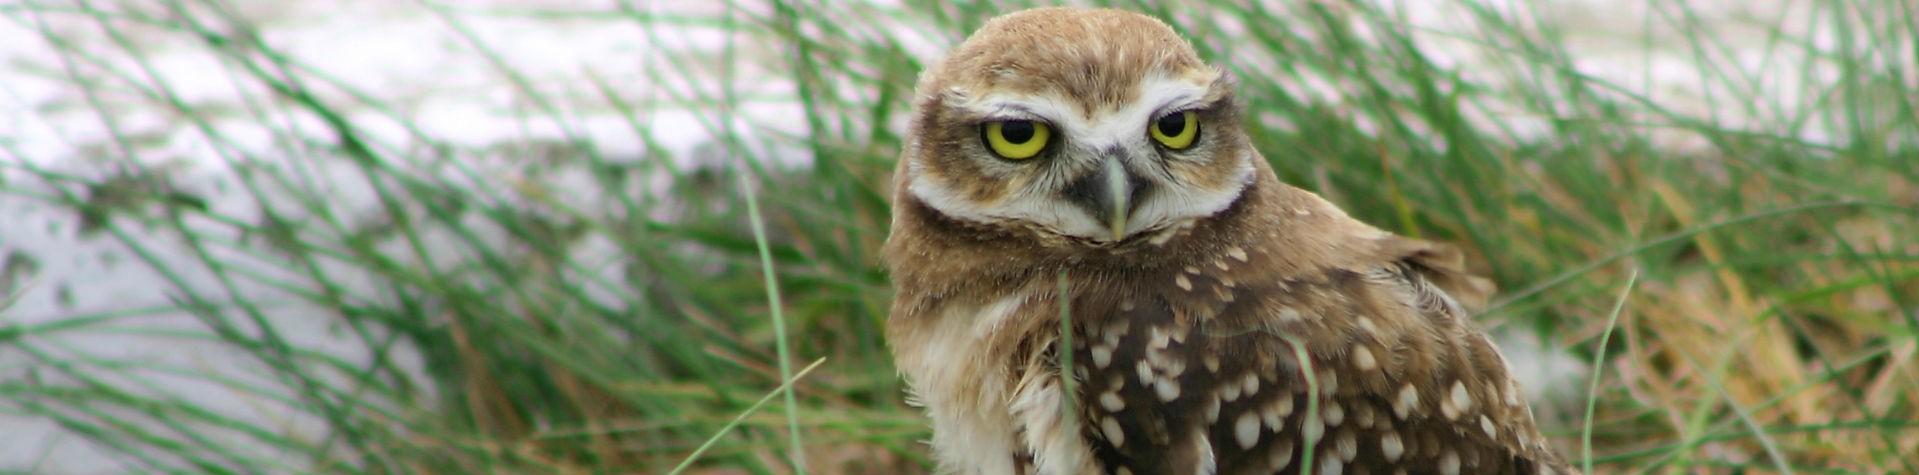 Burrowing_owl_shutterstock_9020941-1919x475